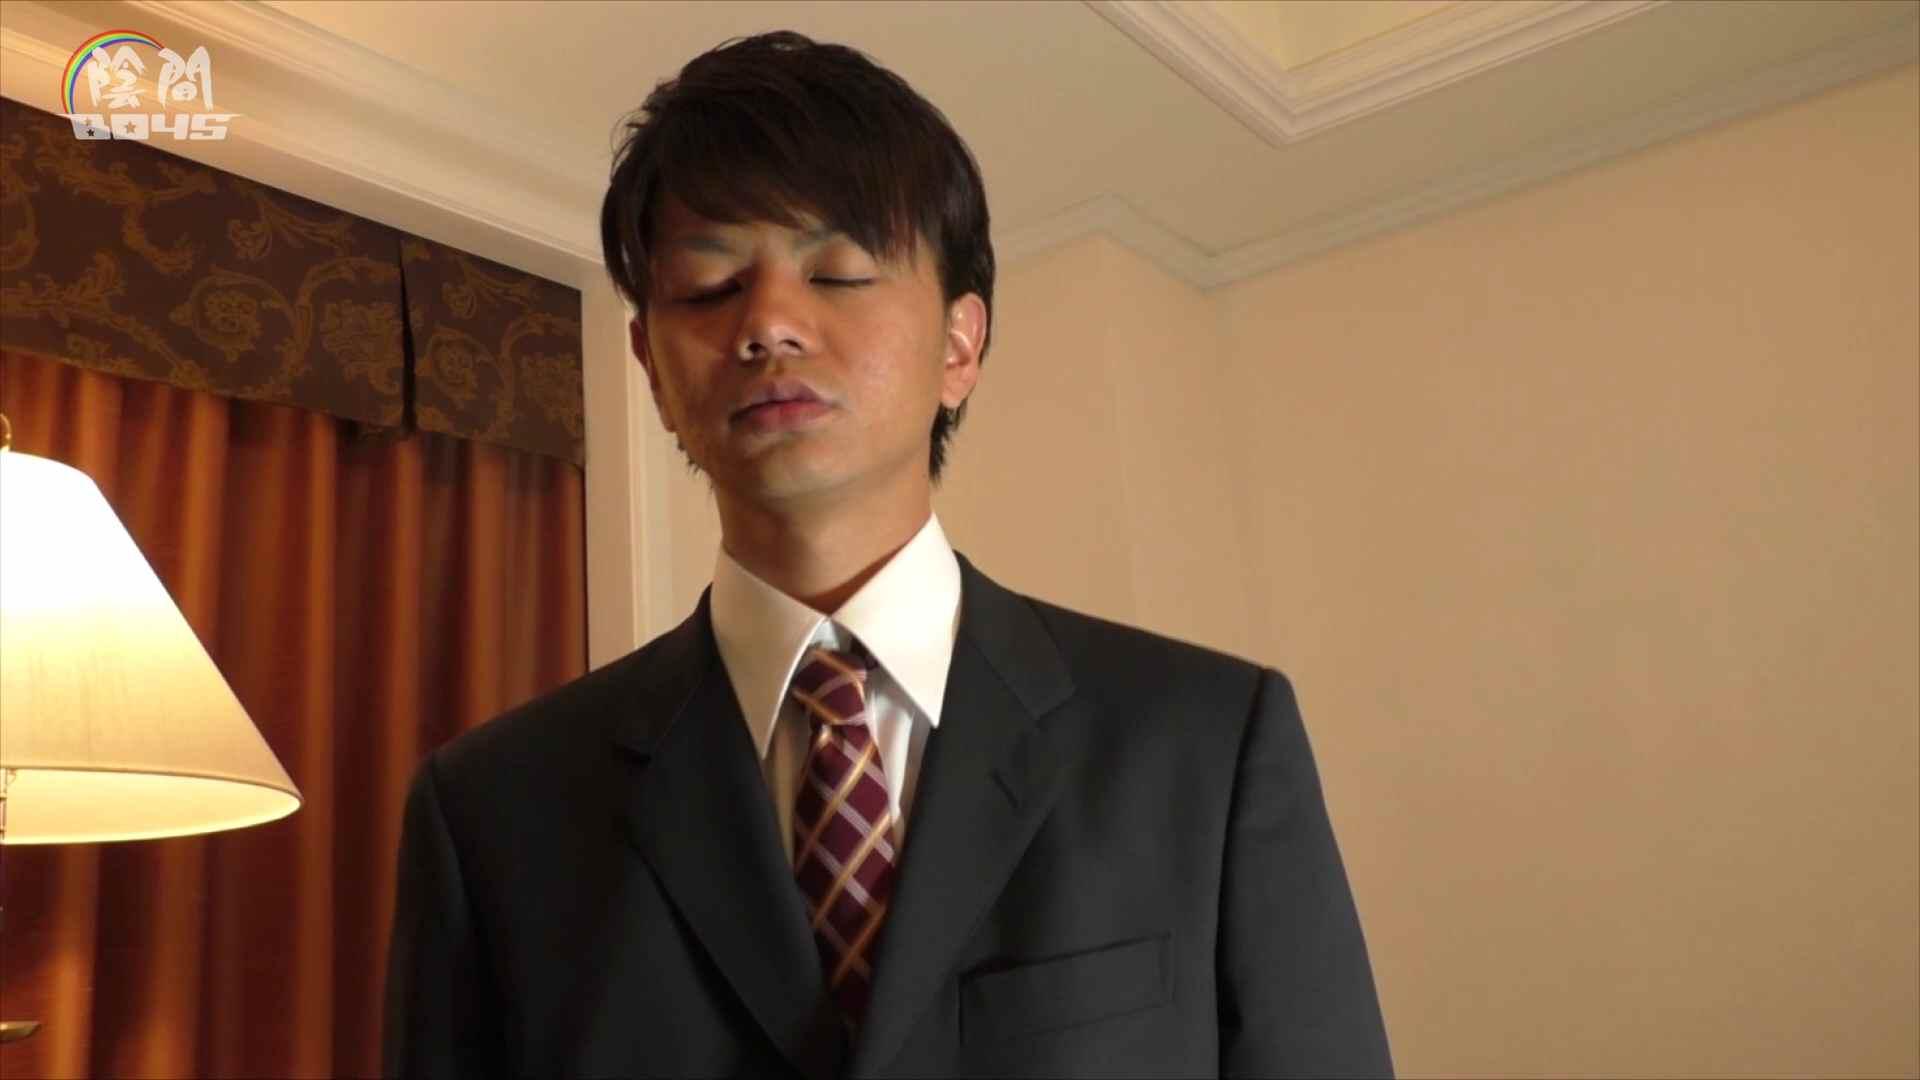 陰間BOYS~キャバクラの仕事はアナルから4 Vol.01 アナル ゲイザーメン画像 82枚 43